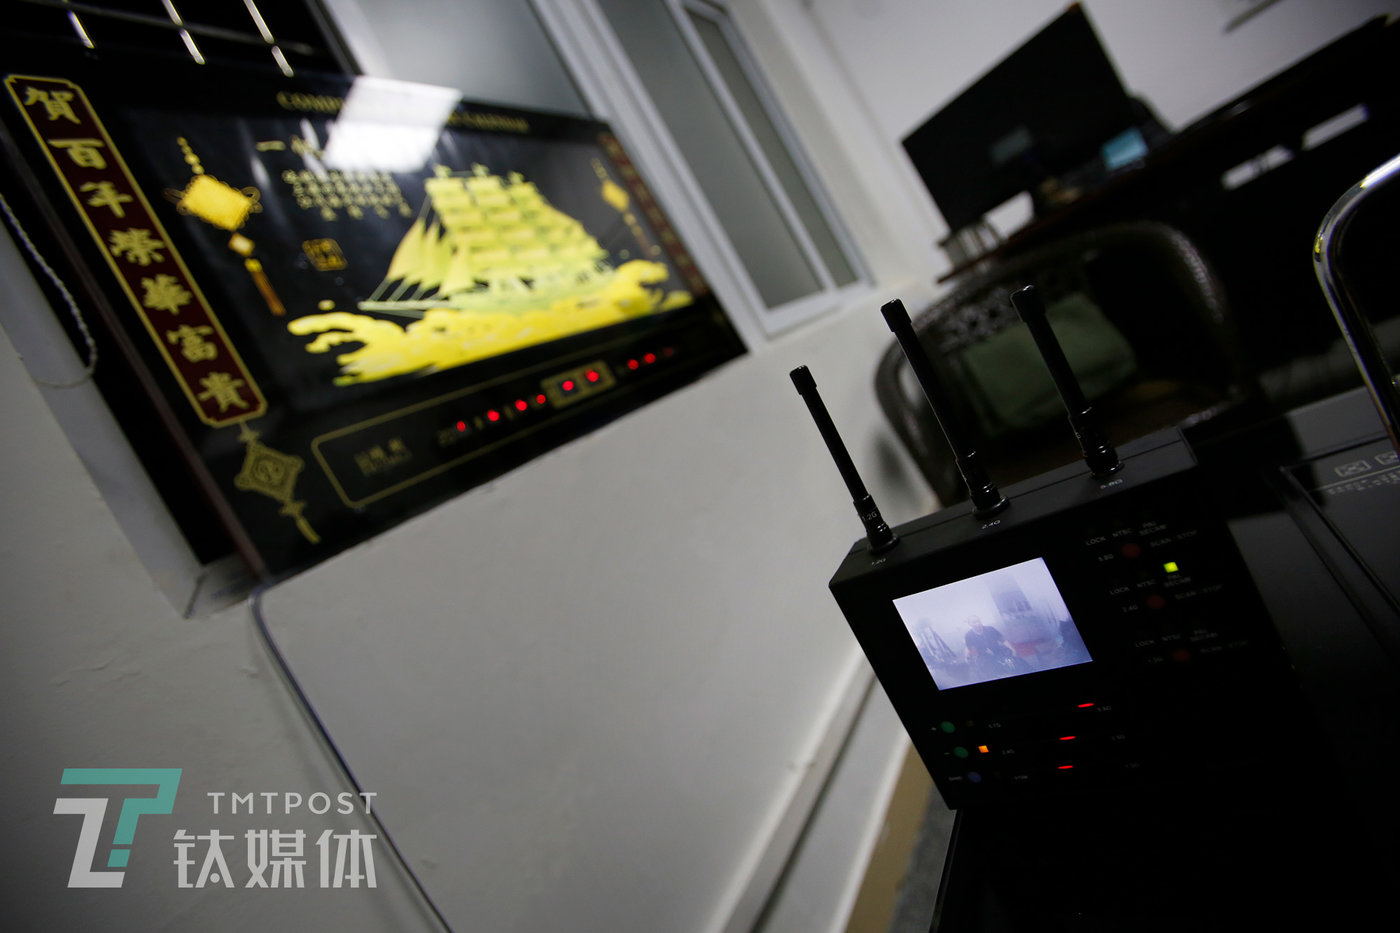 这面挂钟内部隐藏了一个模拟信号的针孔摄像头,通过特定的画面捕捉仪器,可以探测并捕捉到画面信号。